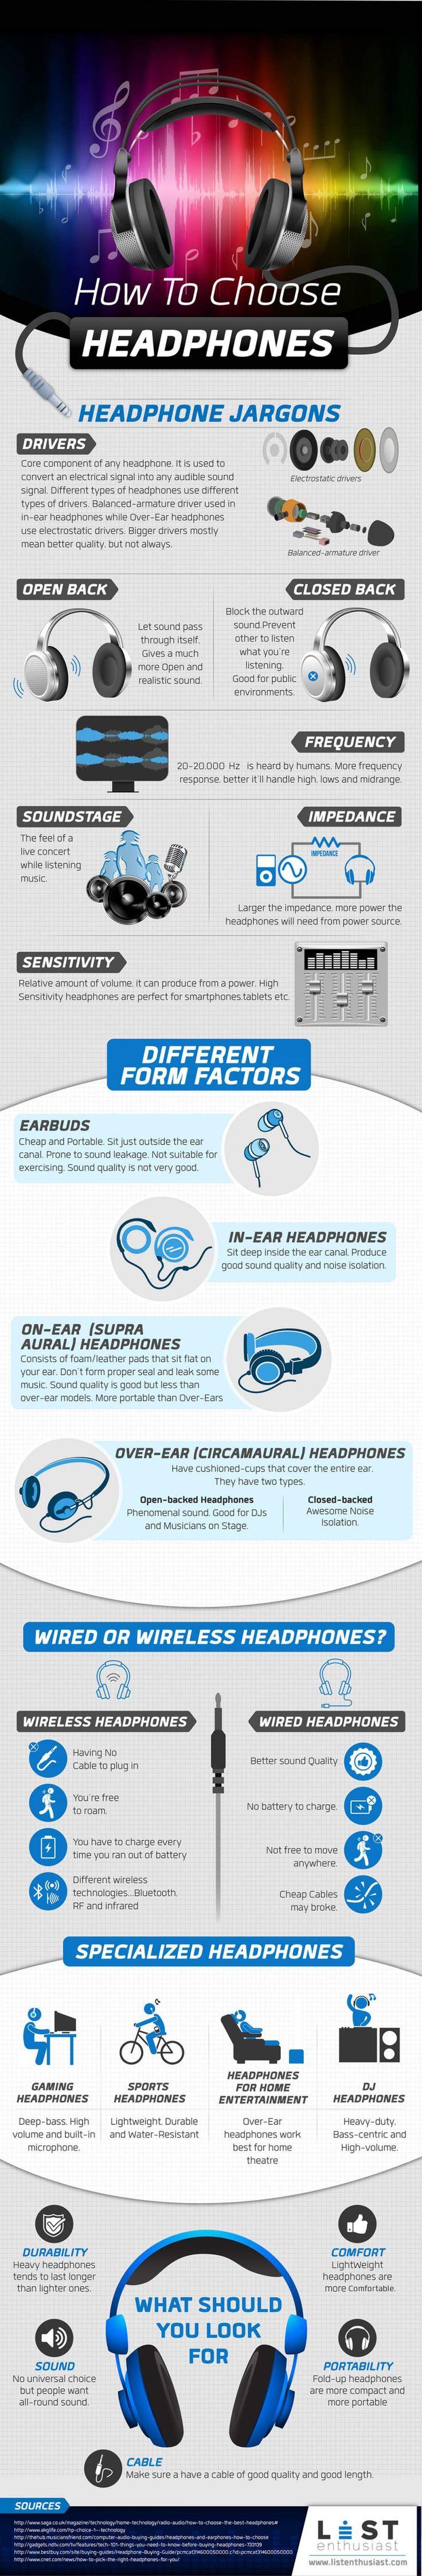 Headphones 101: How To Choose Headphones